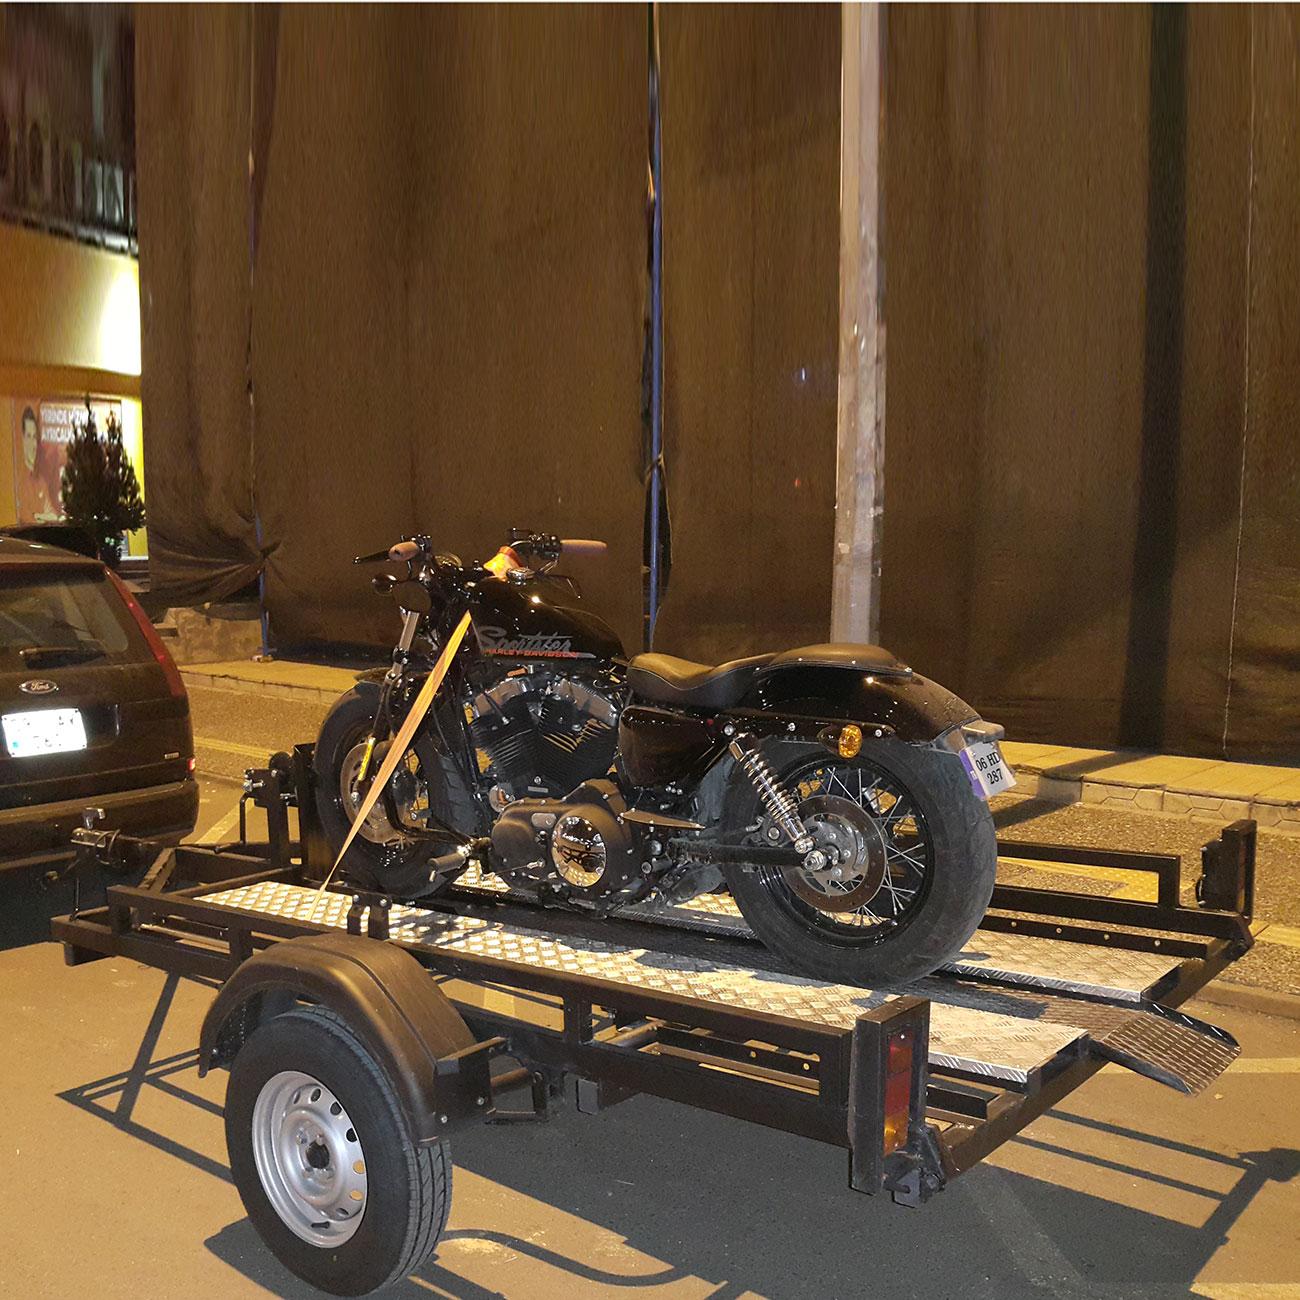 Motokabin Motosiklet Taşıma Römorku Foto Galerileri Resim 1